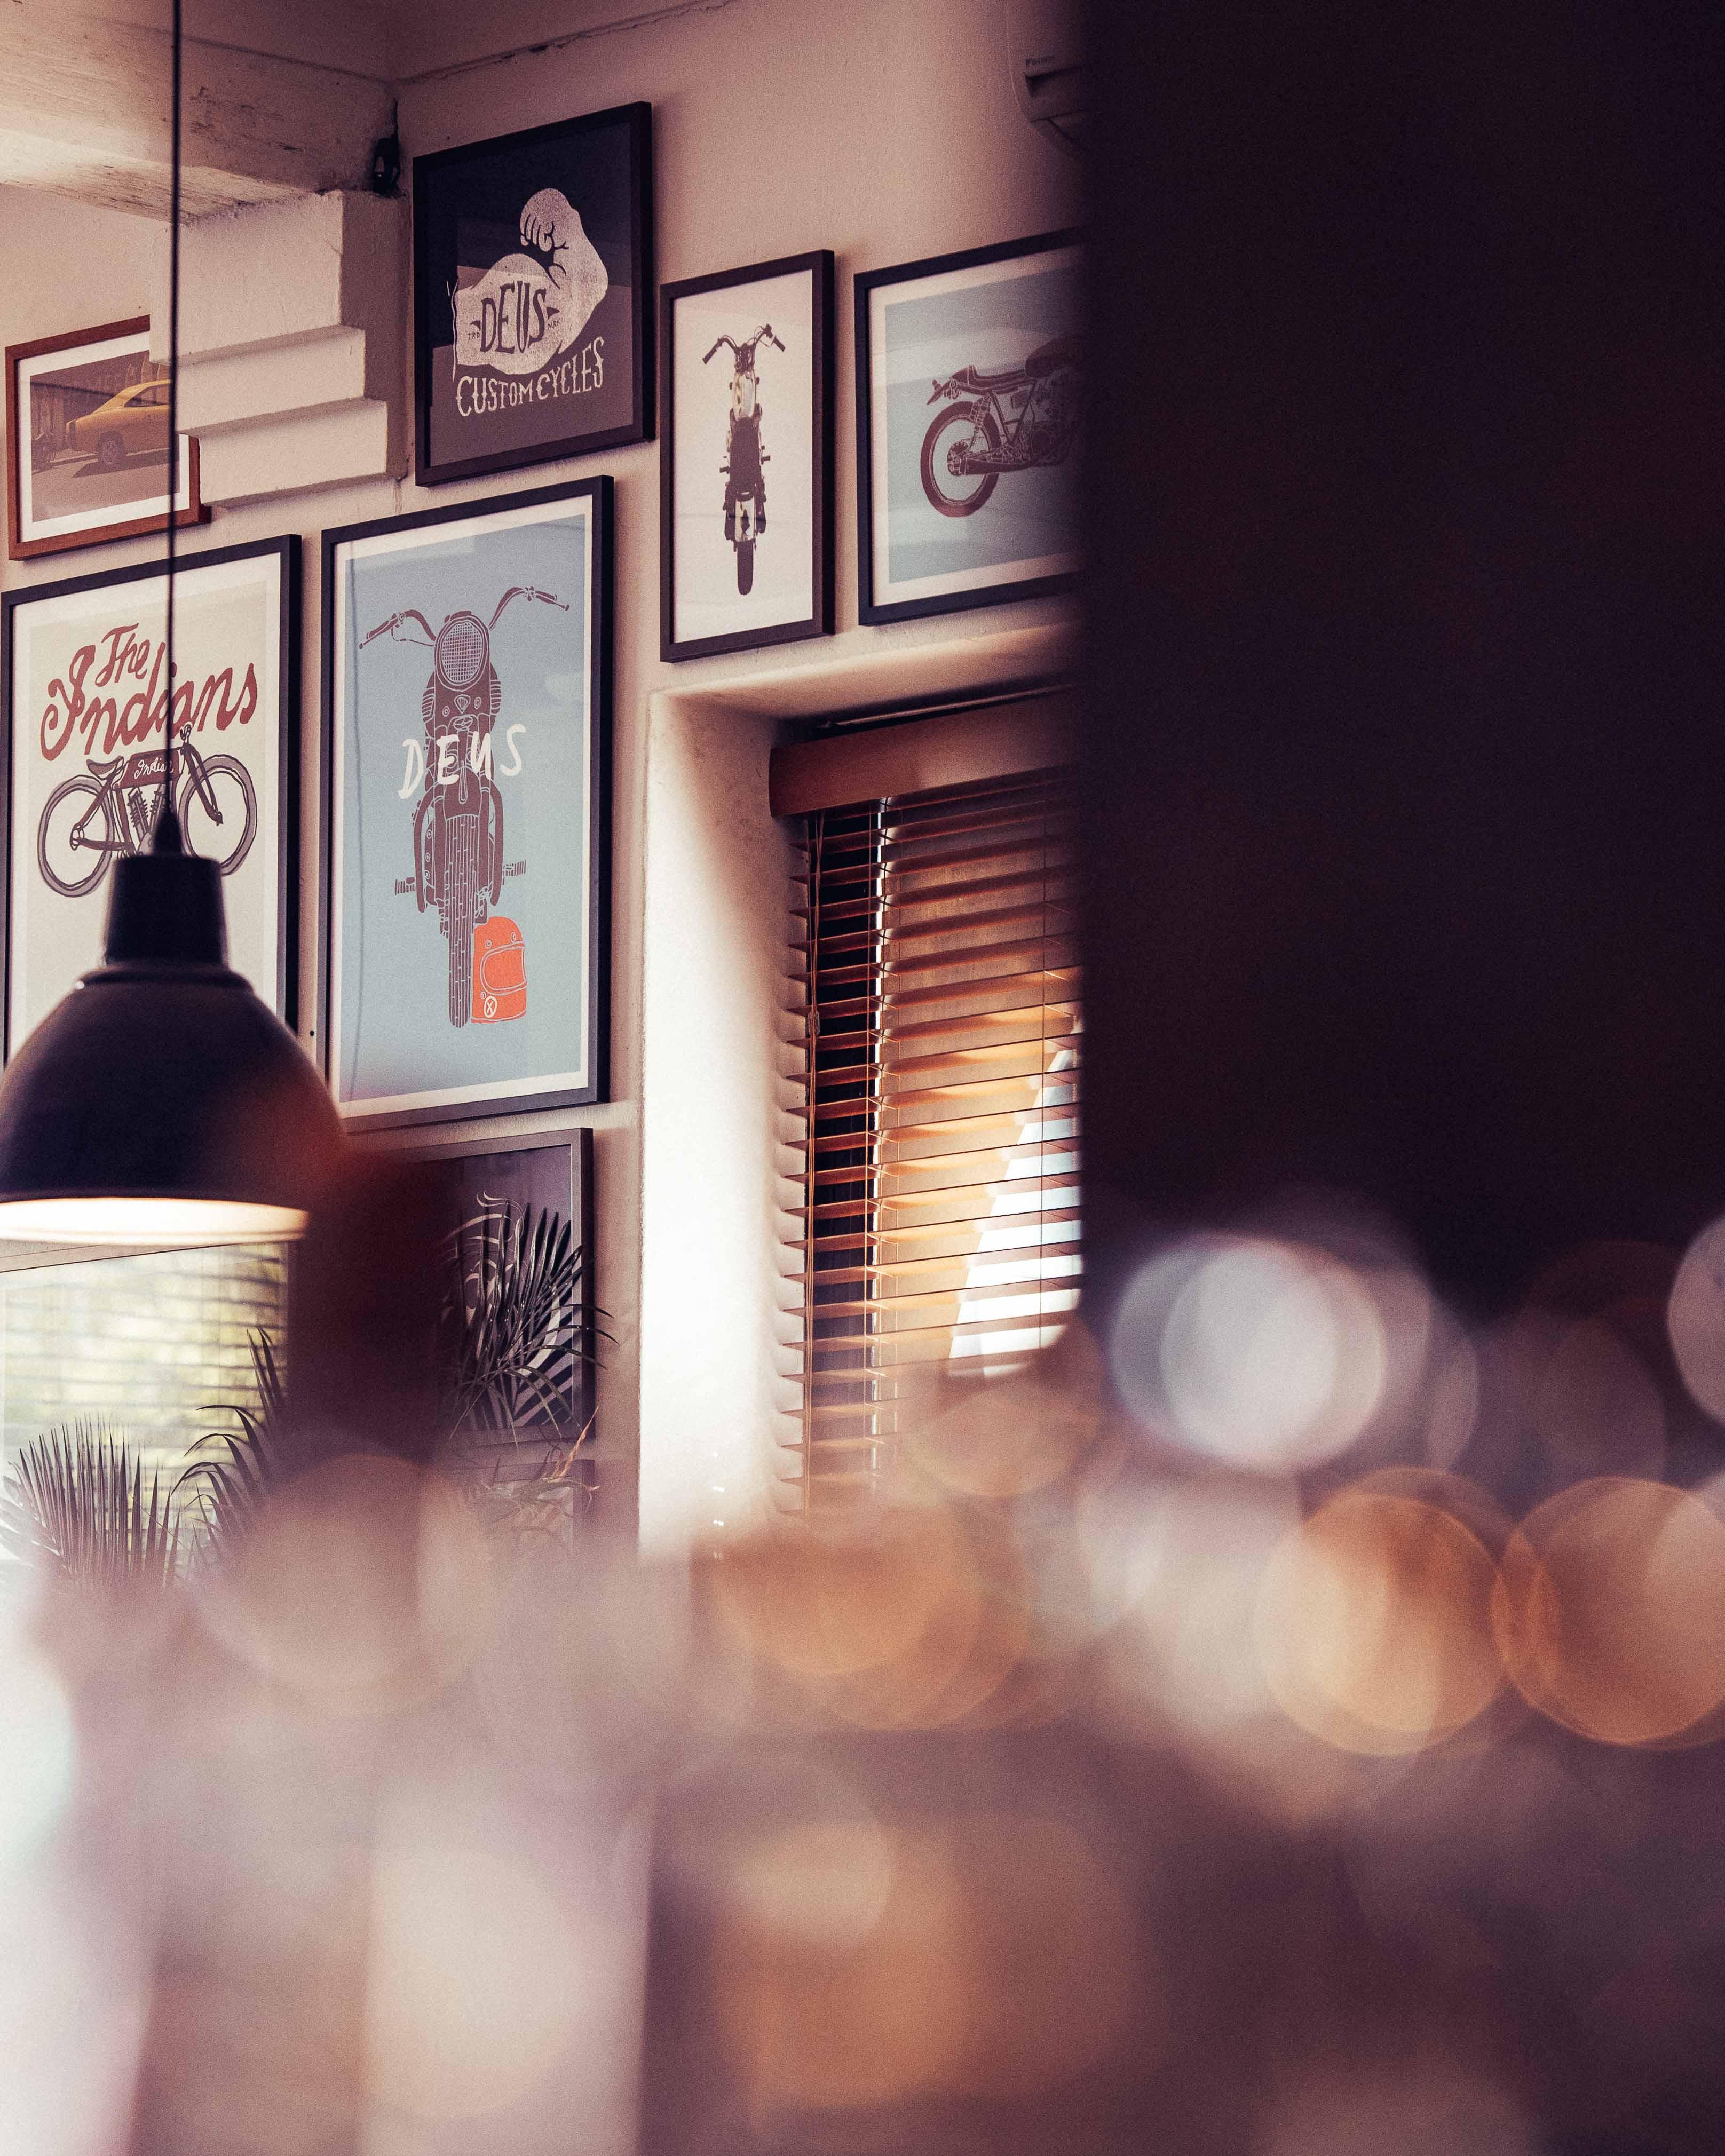 Deus Sydney Bar & Kitchen | Deus Ex MachinaDeus Ex Machina